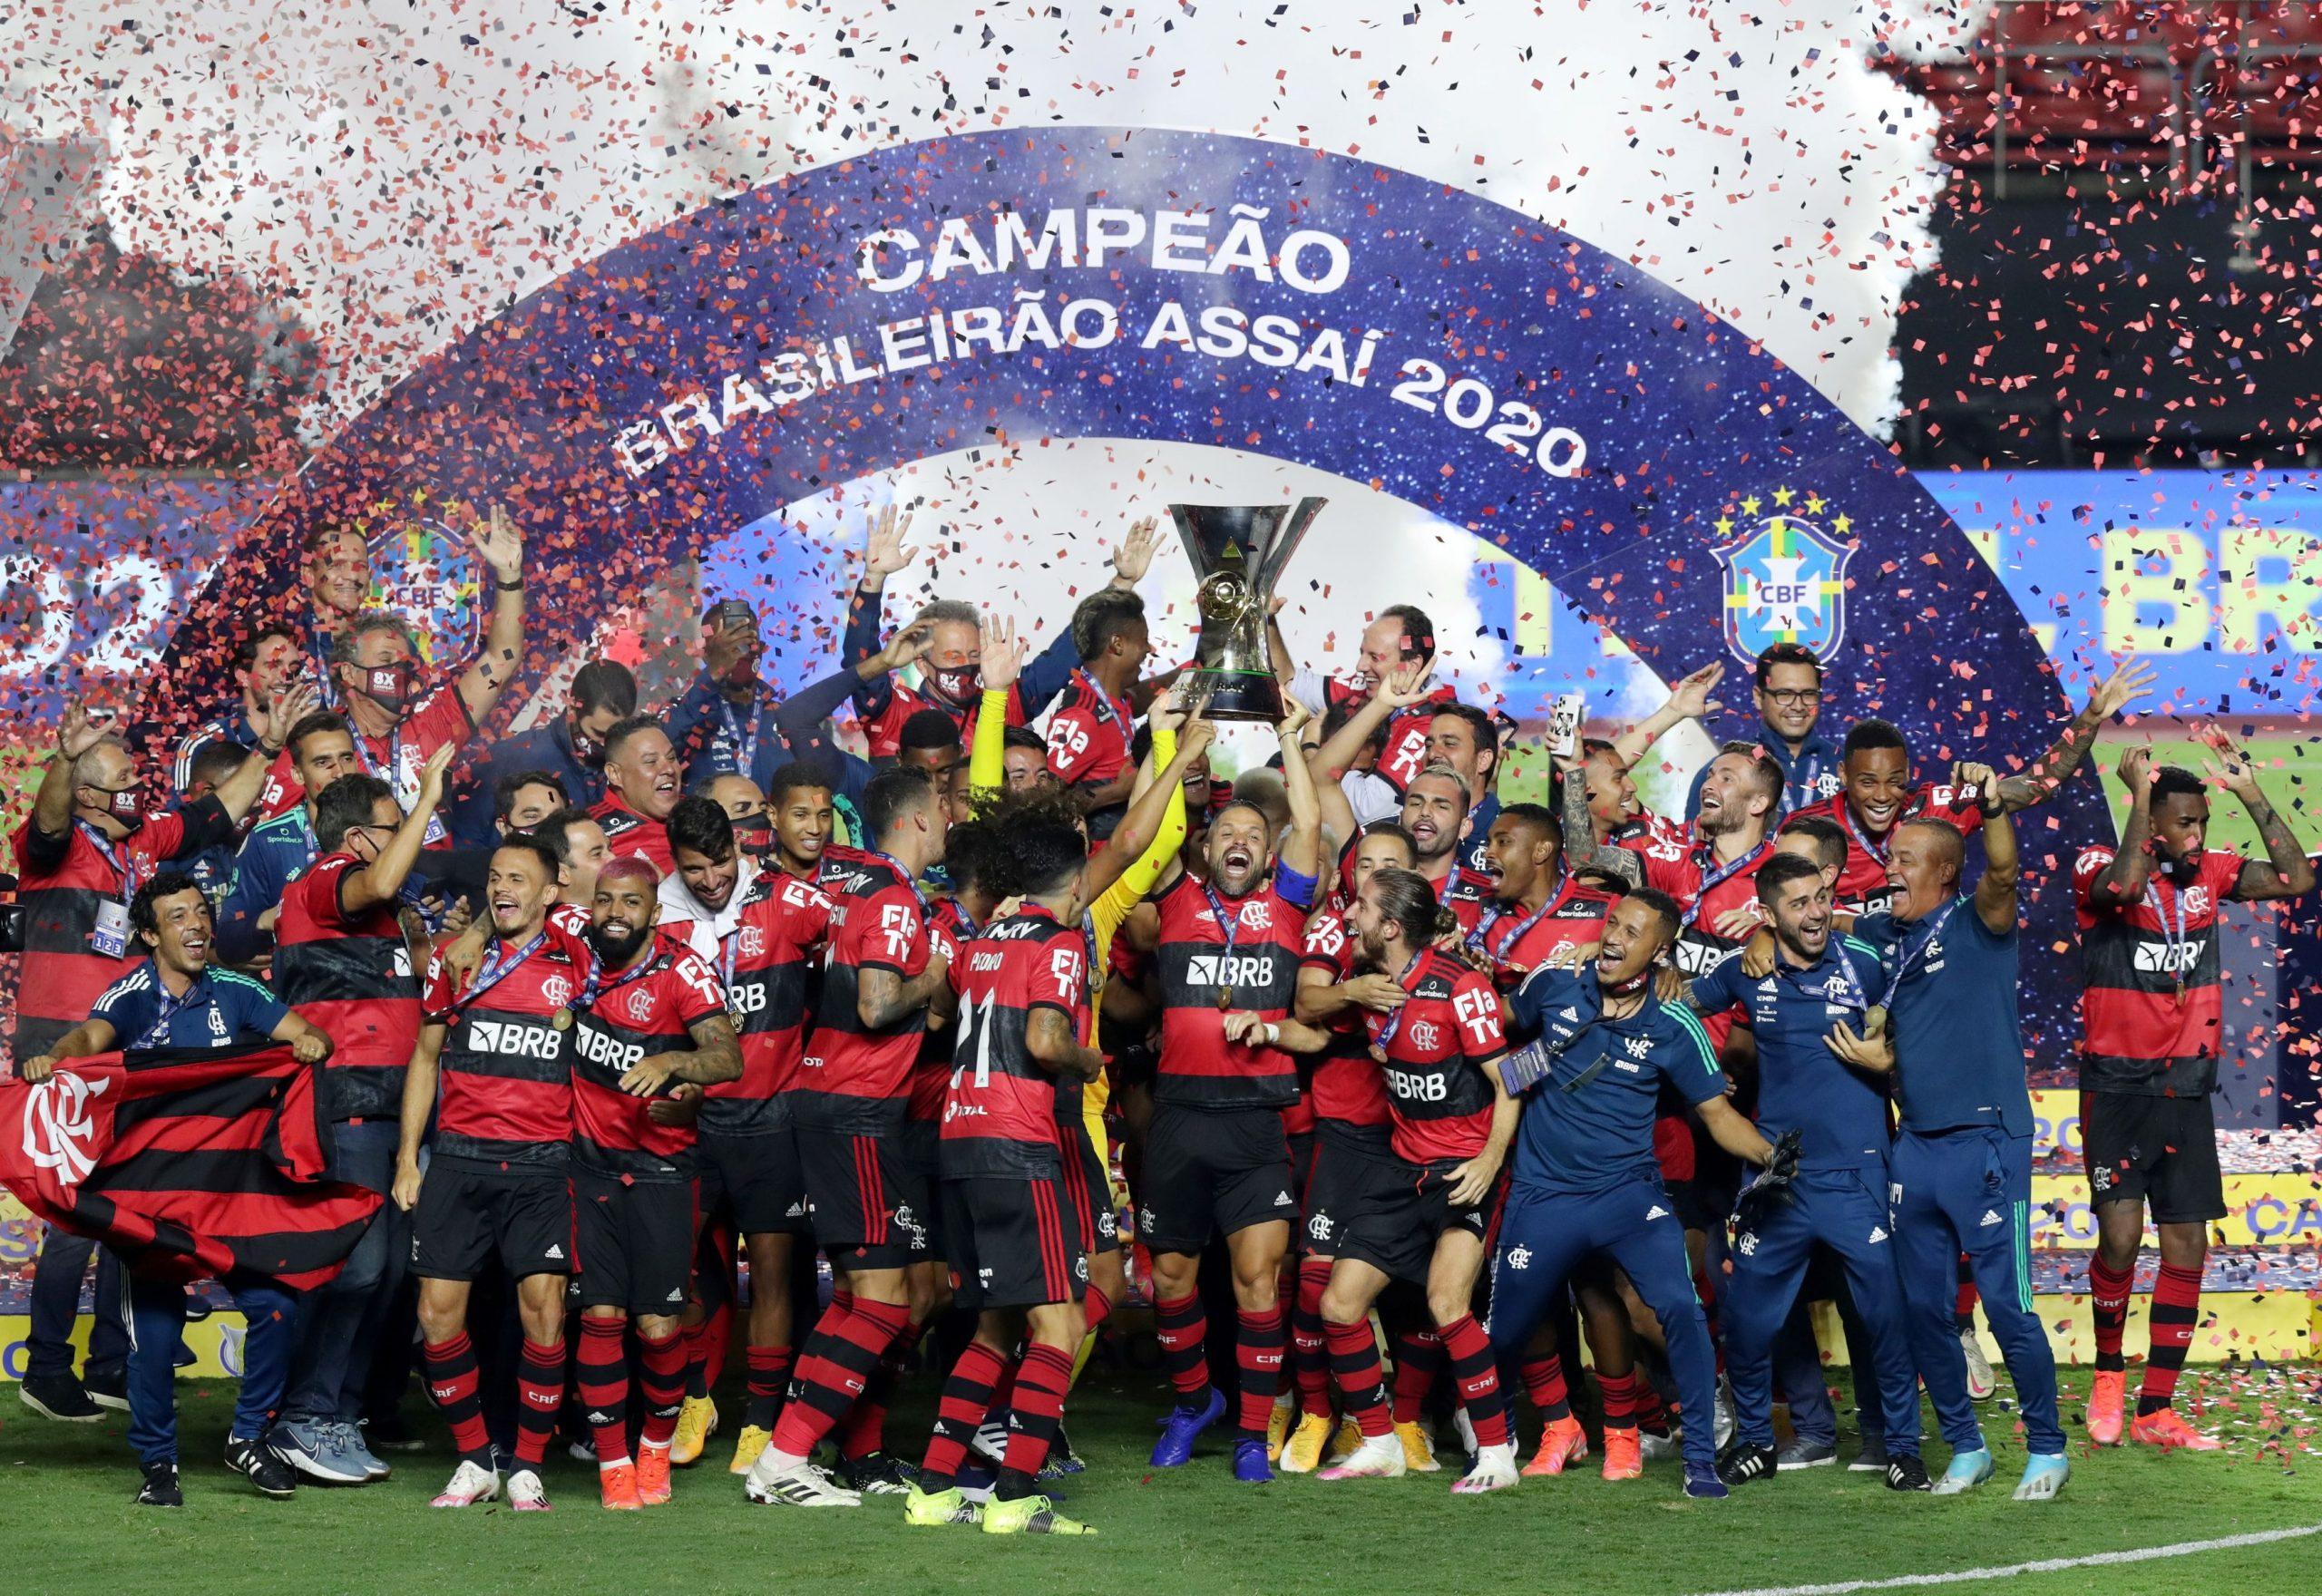 Nogometaši Flamenga osvojili su osmi naslov u povijesti kluba/Foto REUTERS